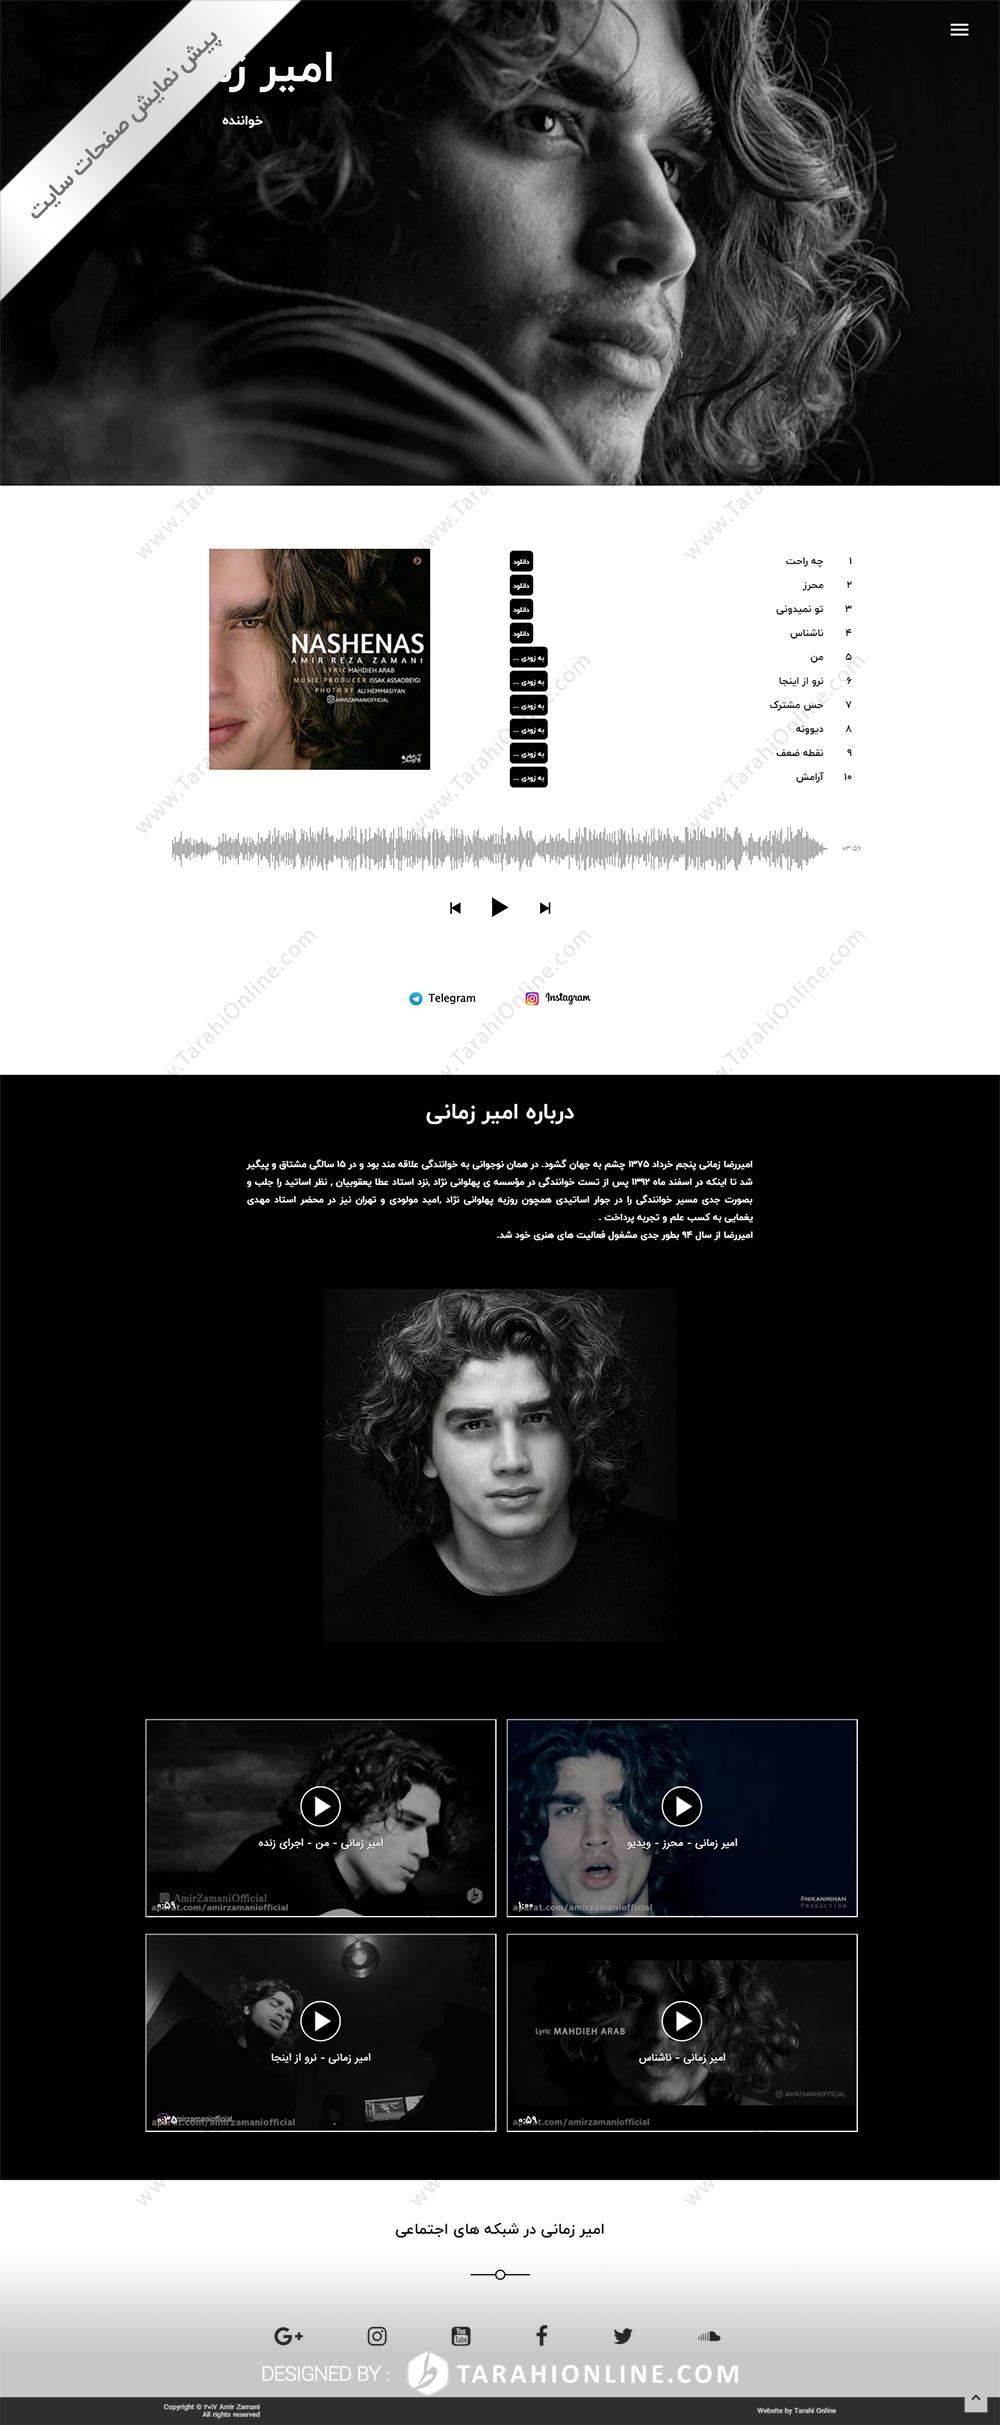 طراحی سایت شخصی امیر زمانی - نسخه دوم